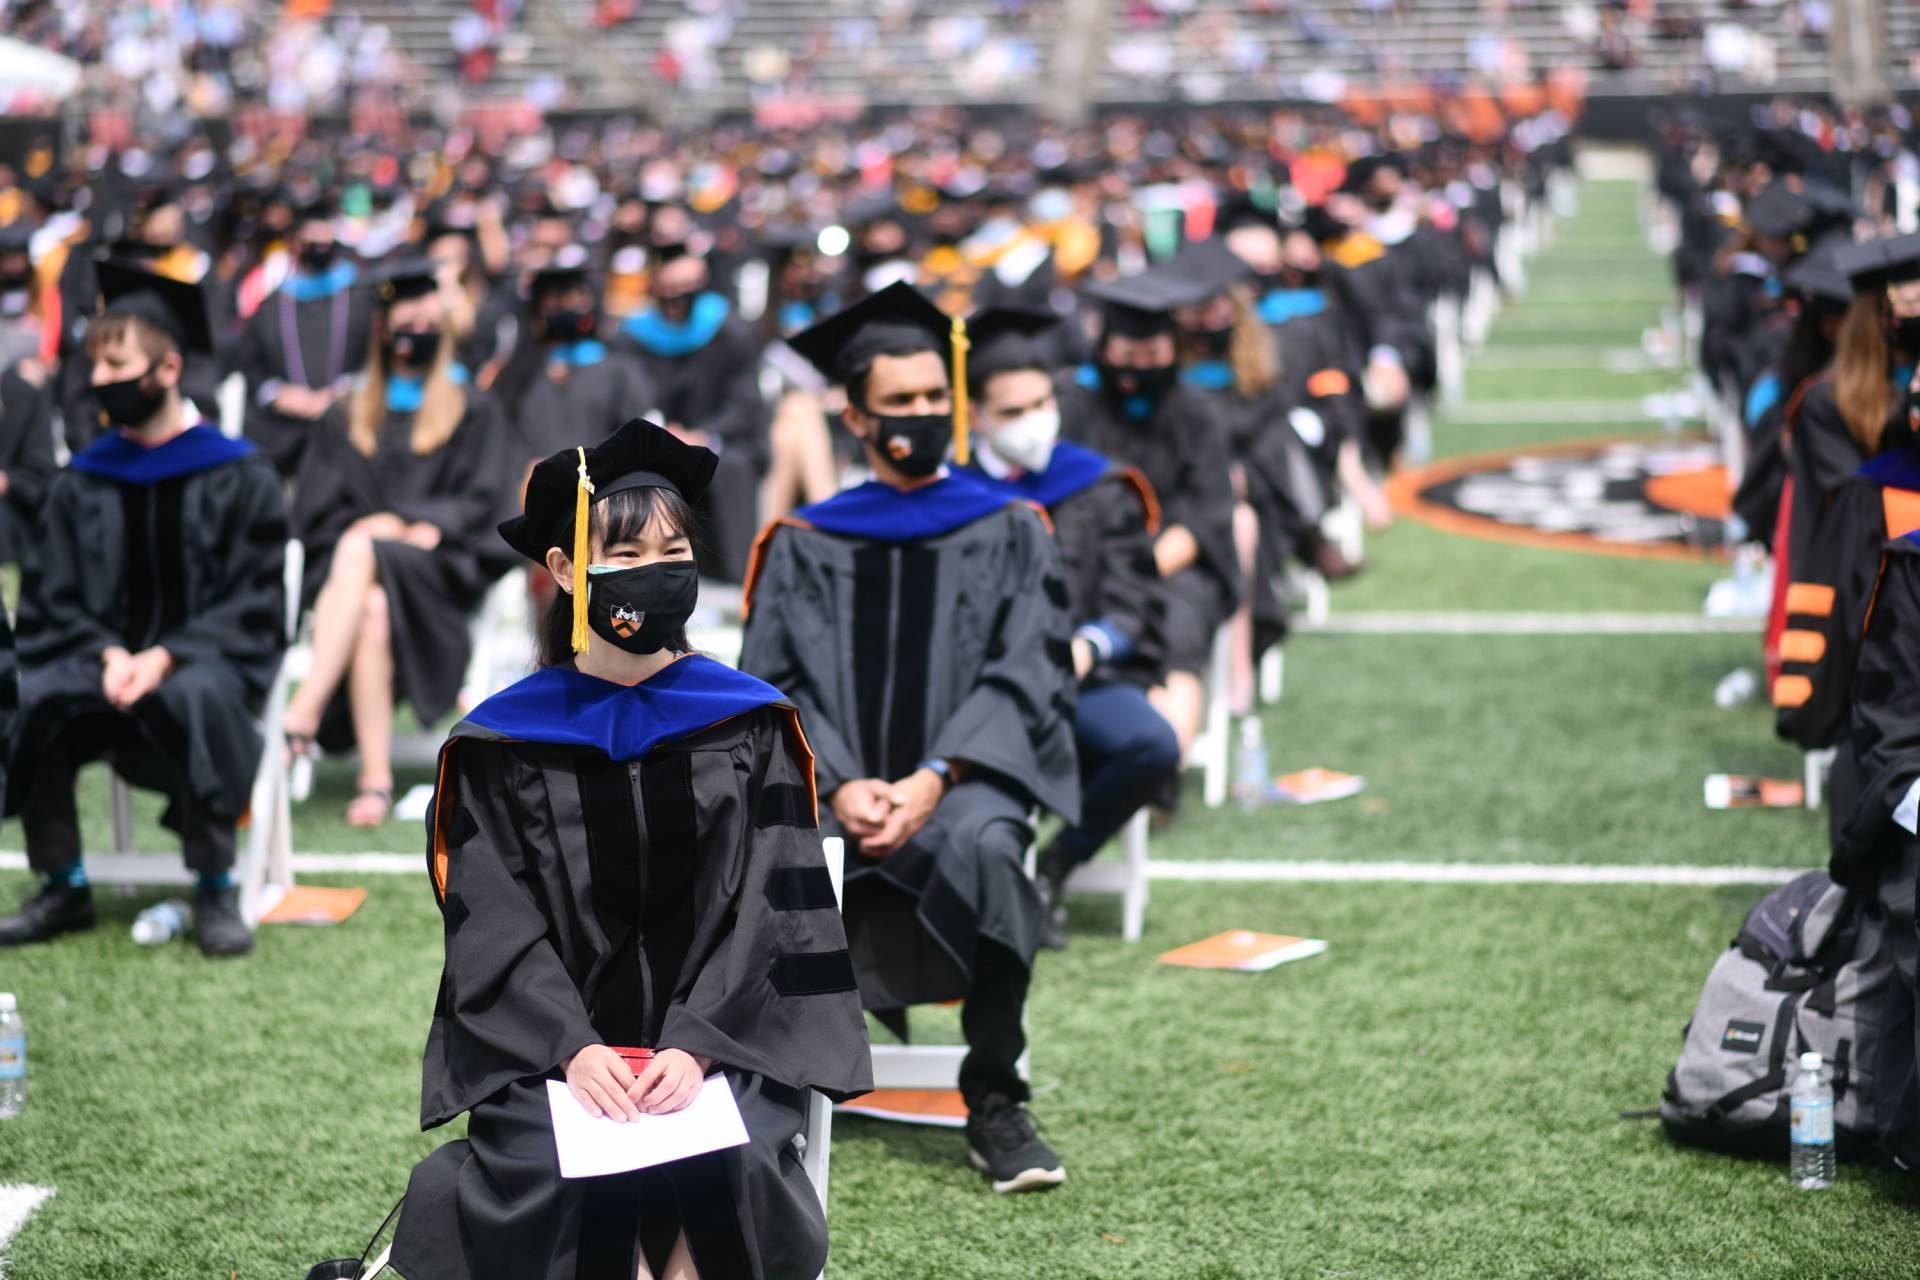 Graduates sit in rows in the stadium